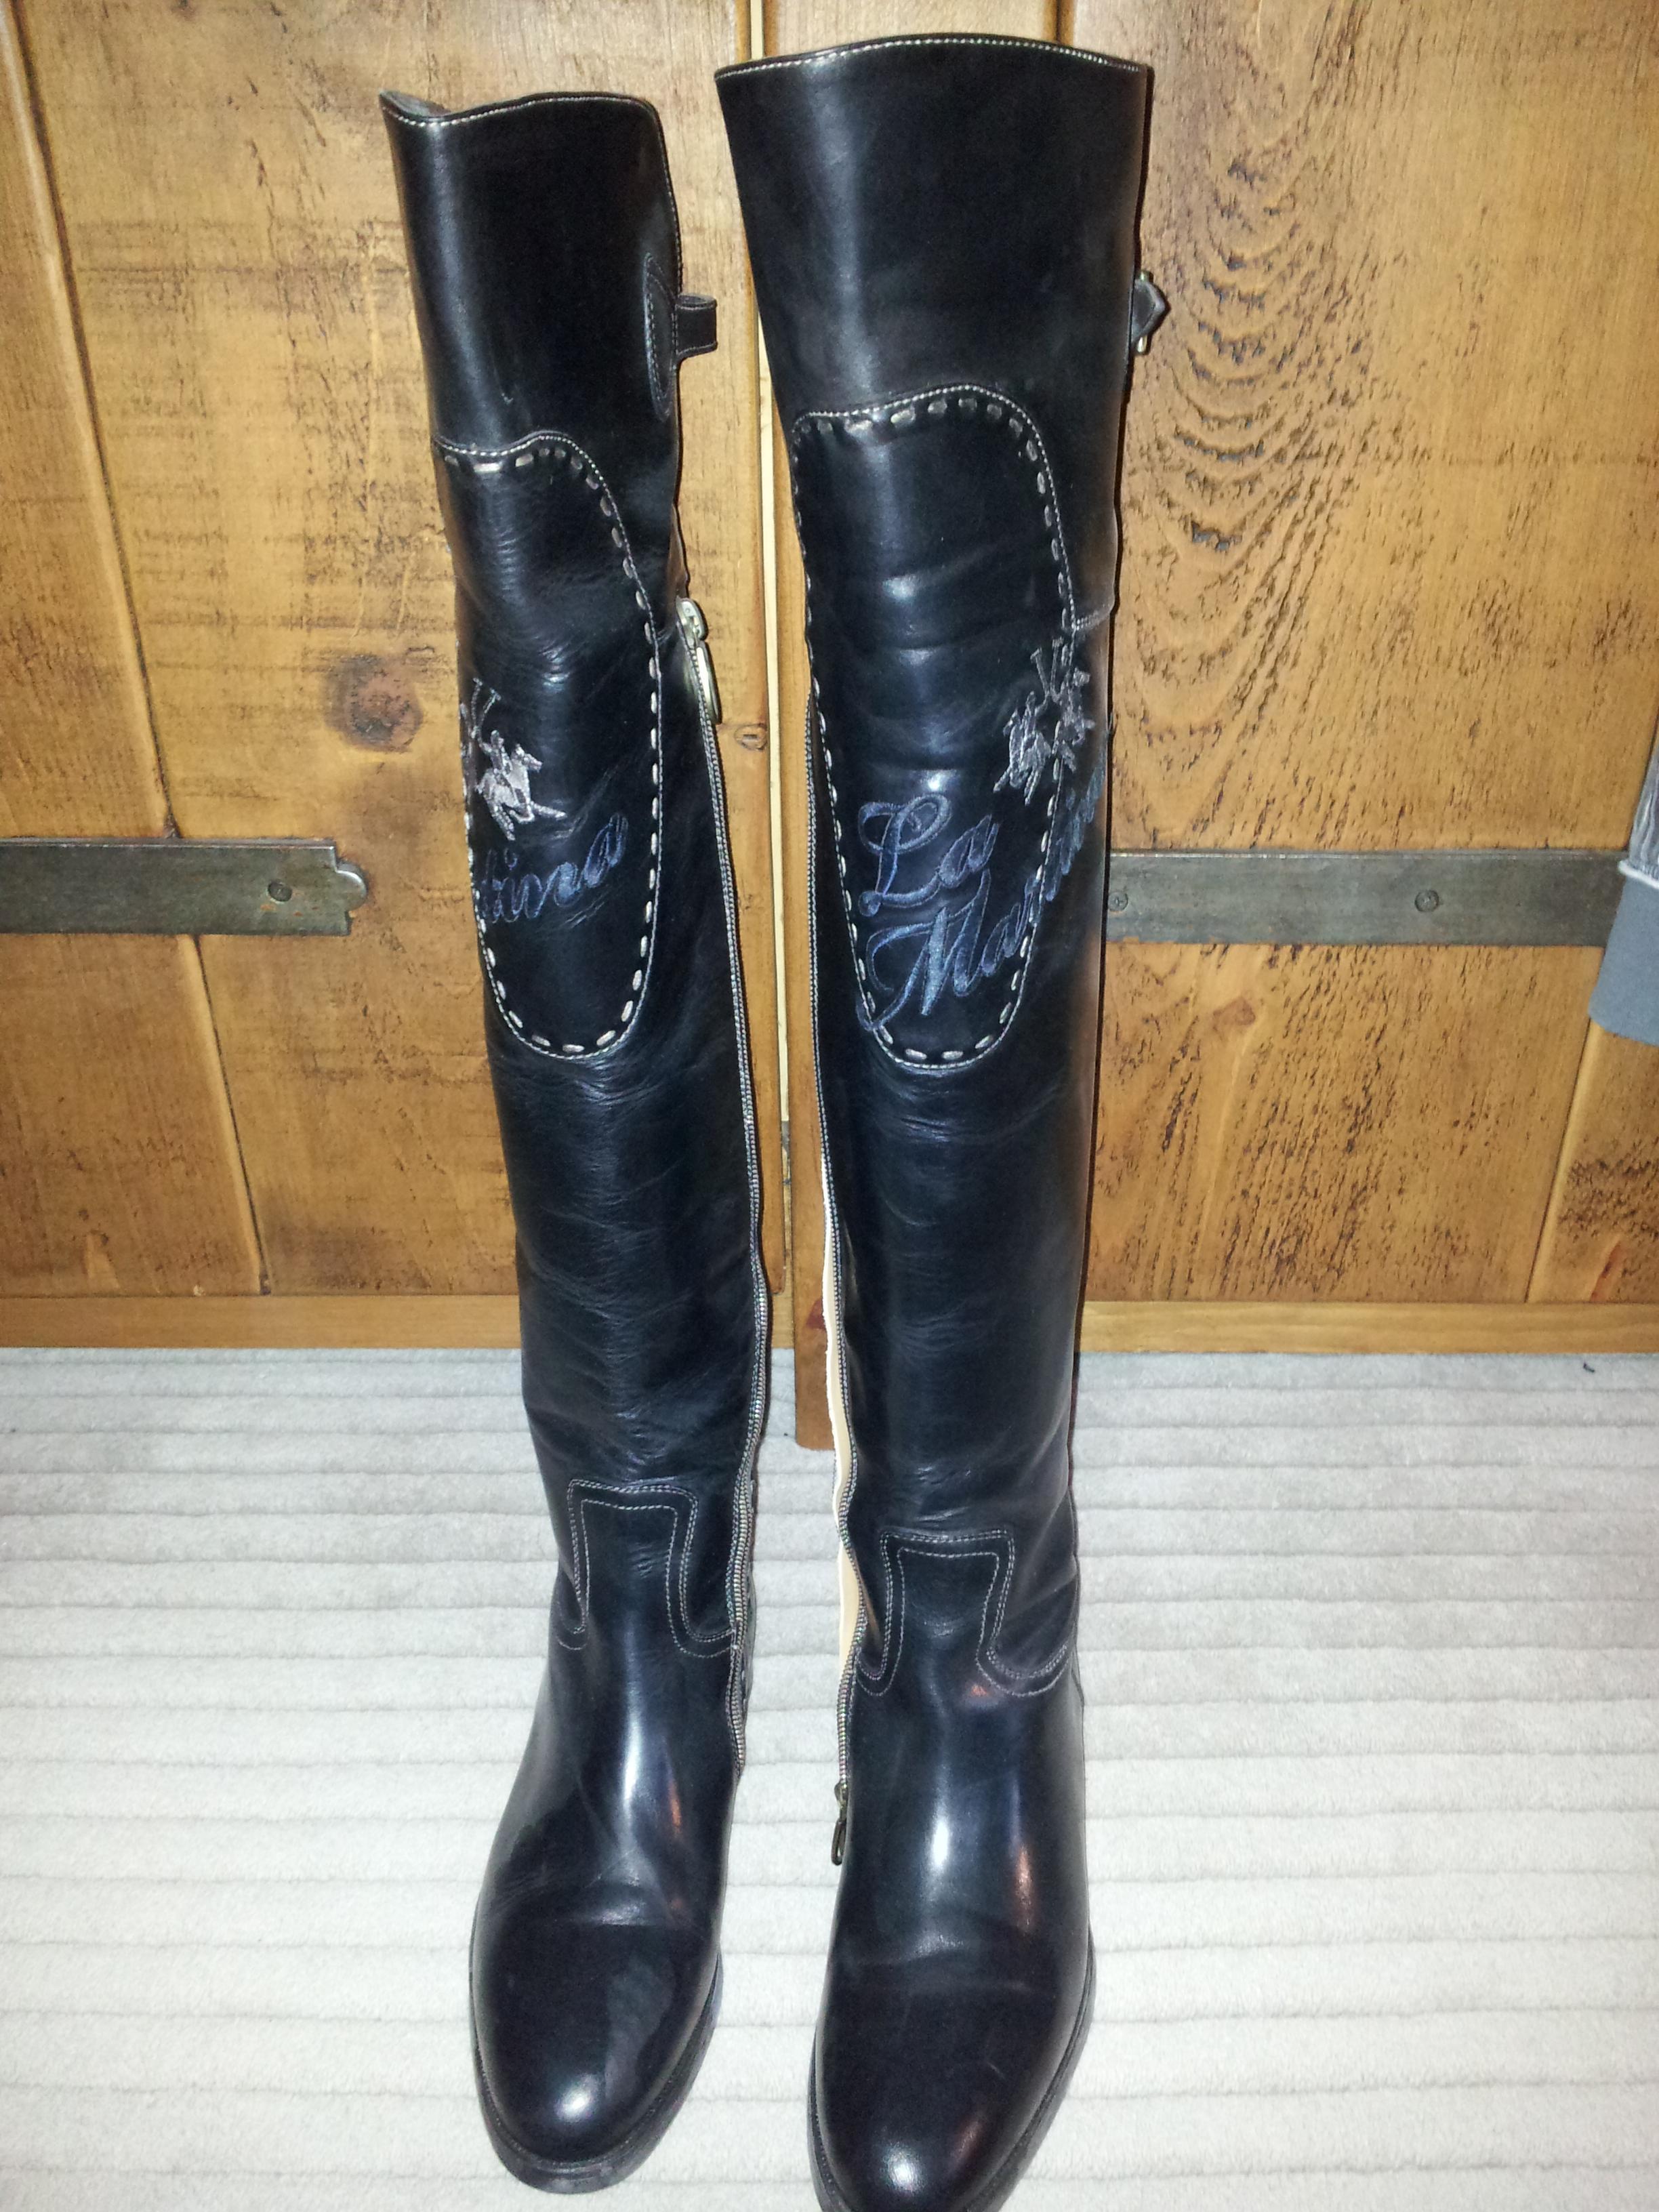 La Martina Knee High Boots new